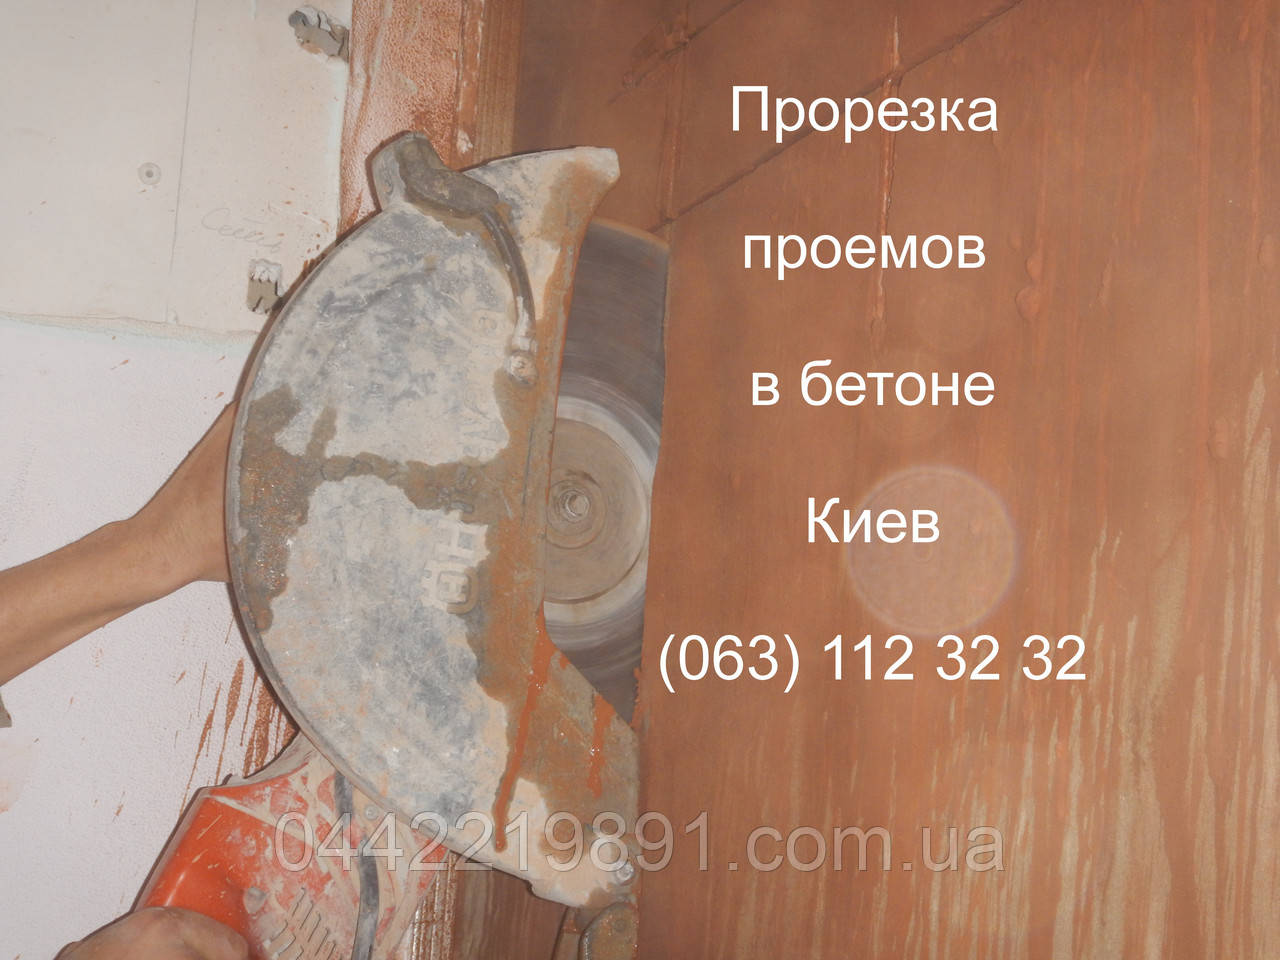 Прорізання отворів в бетоні Київ